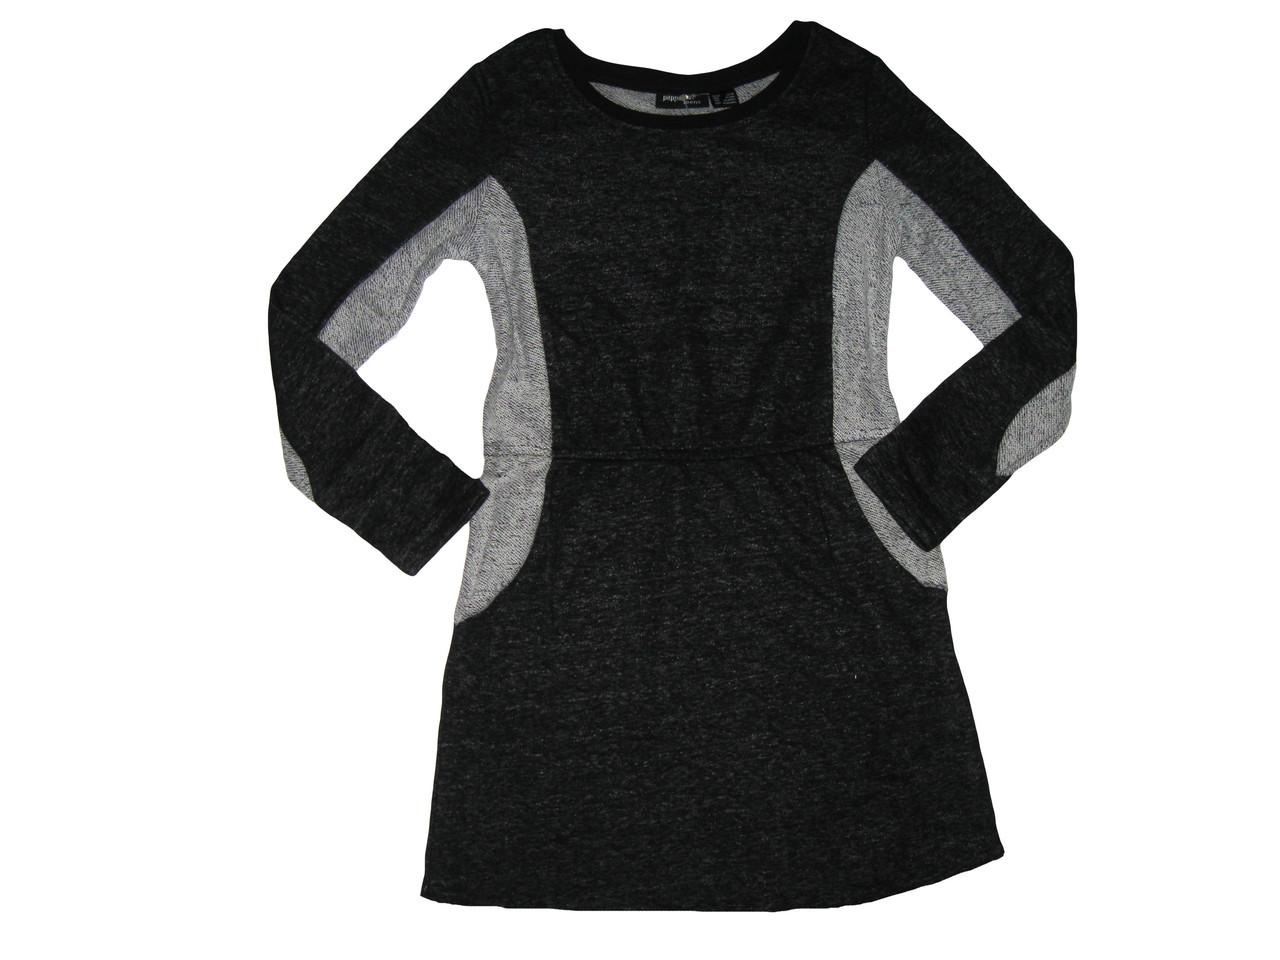 Платье для девочки, размеры 122/128(2шт), 134/140,146/152(5шт), Peperts, арт. 306/1